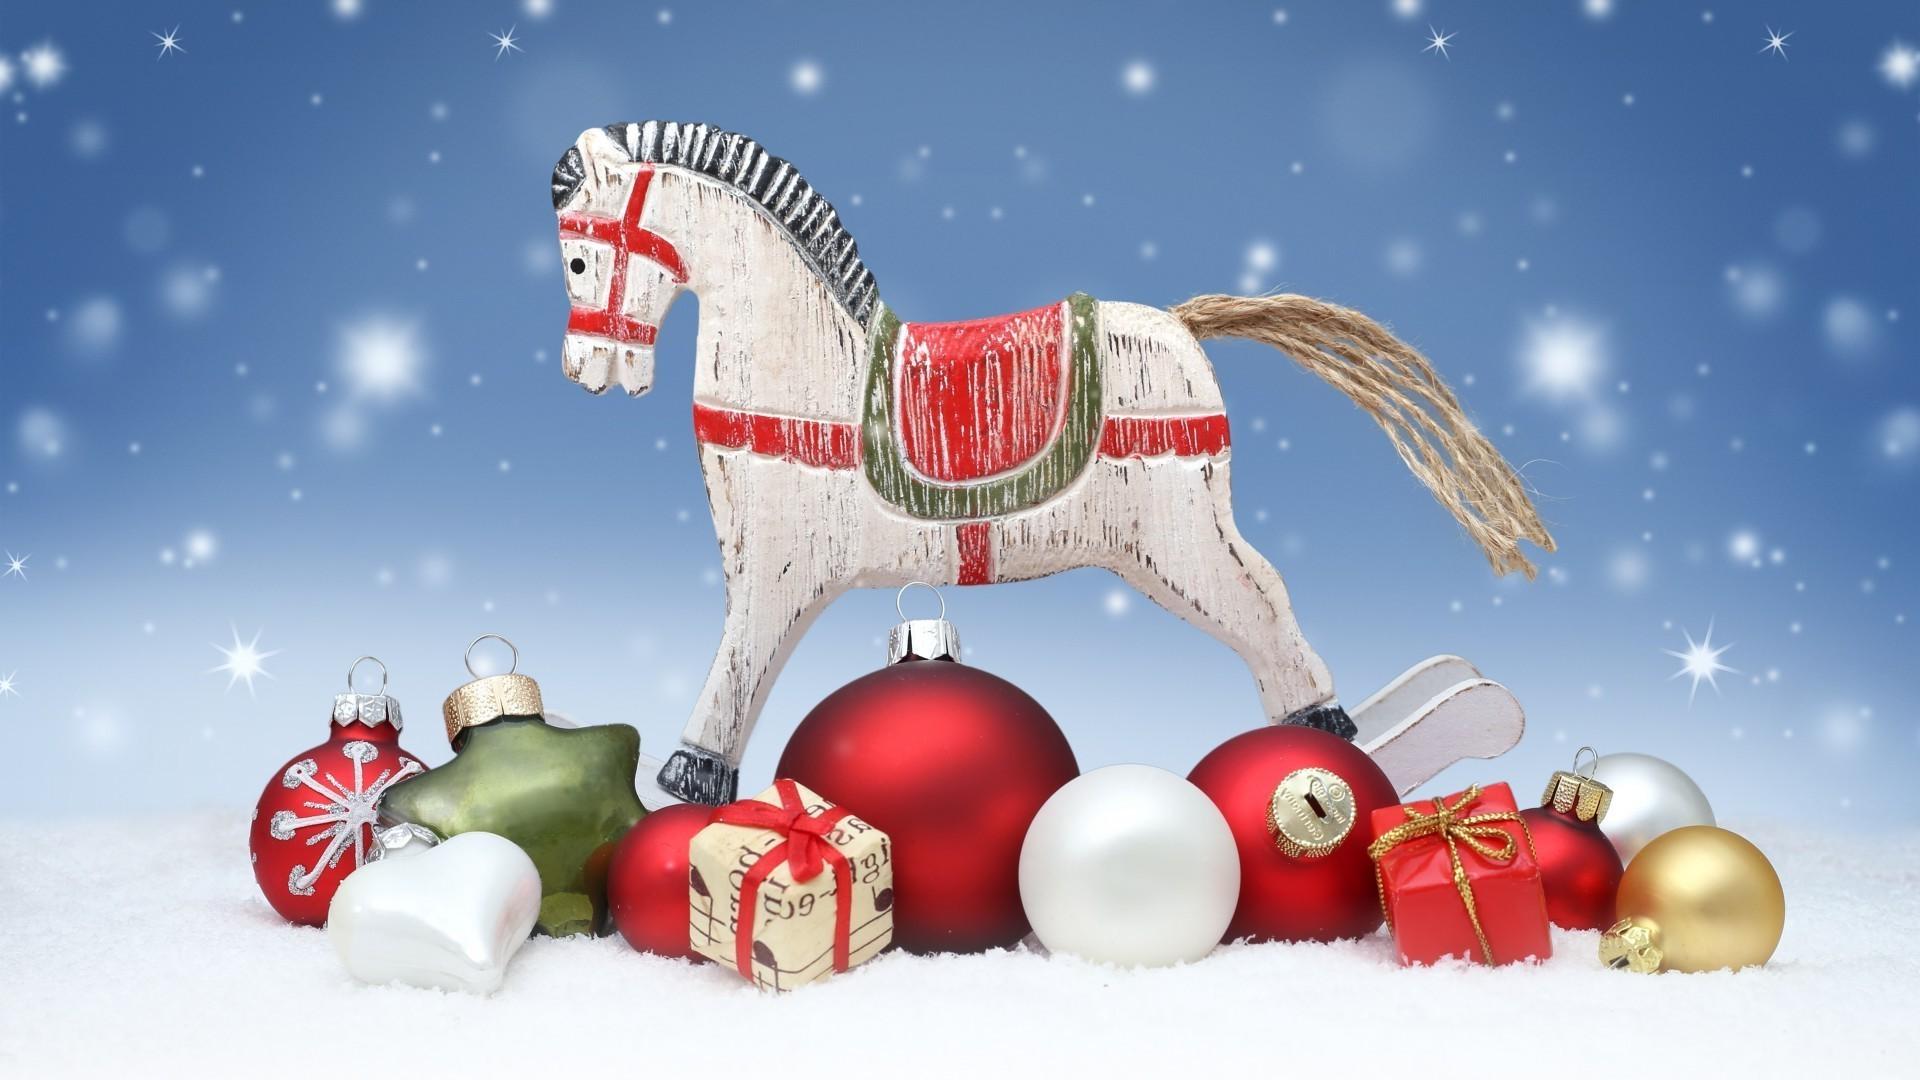 Красивые картинки с новым годом и рождеством на рабочий стол, любви смс